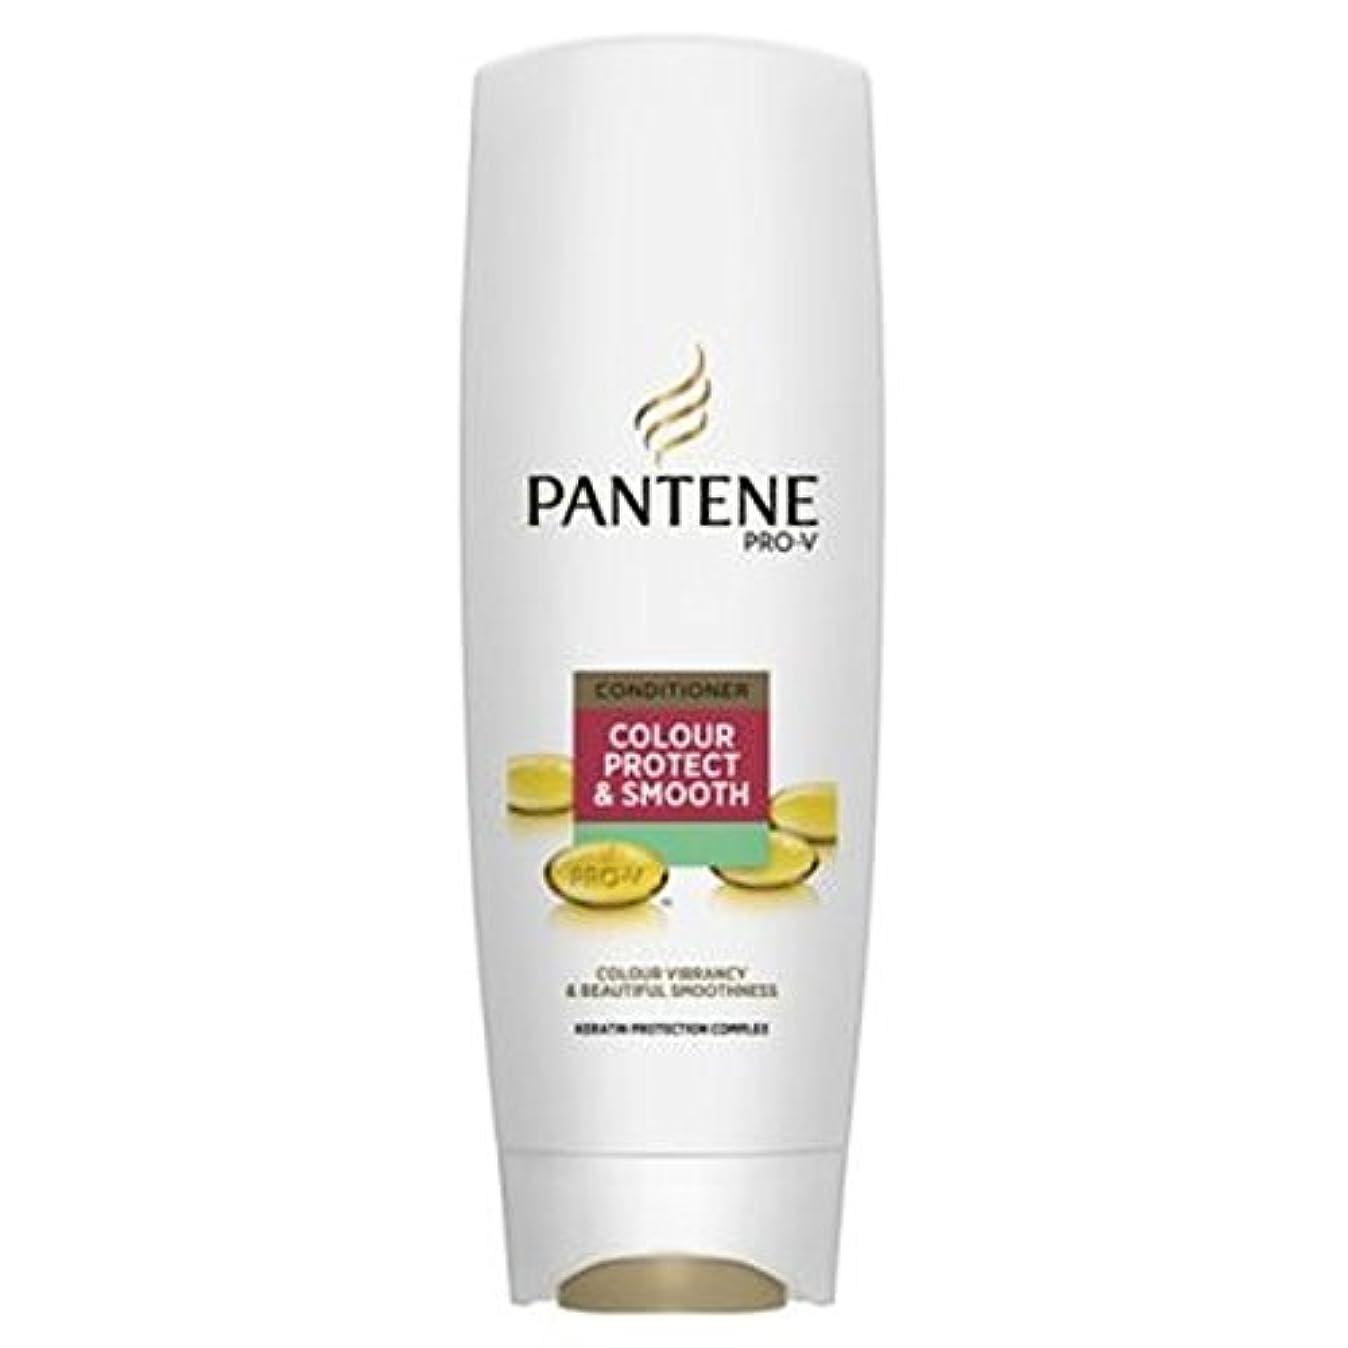 アレンジリブめまいパンテーンプロVの色保護&スムーズコンディショナー360ミリリットル (Pantene) (x2) - Pantene Pro-V Colour Protect & Smooth Conditioner 360ml (Pack...